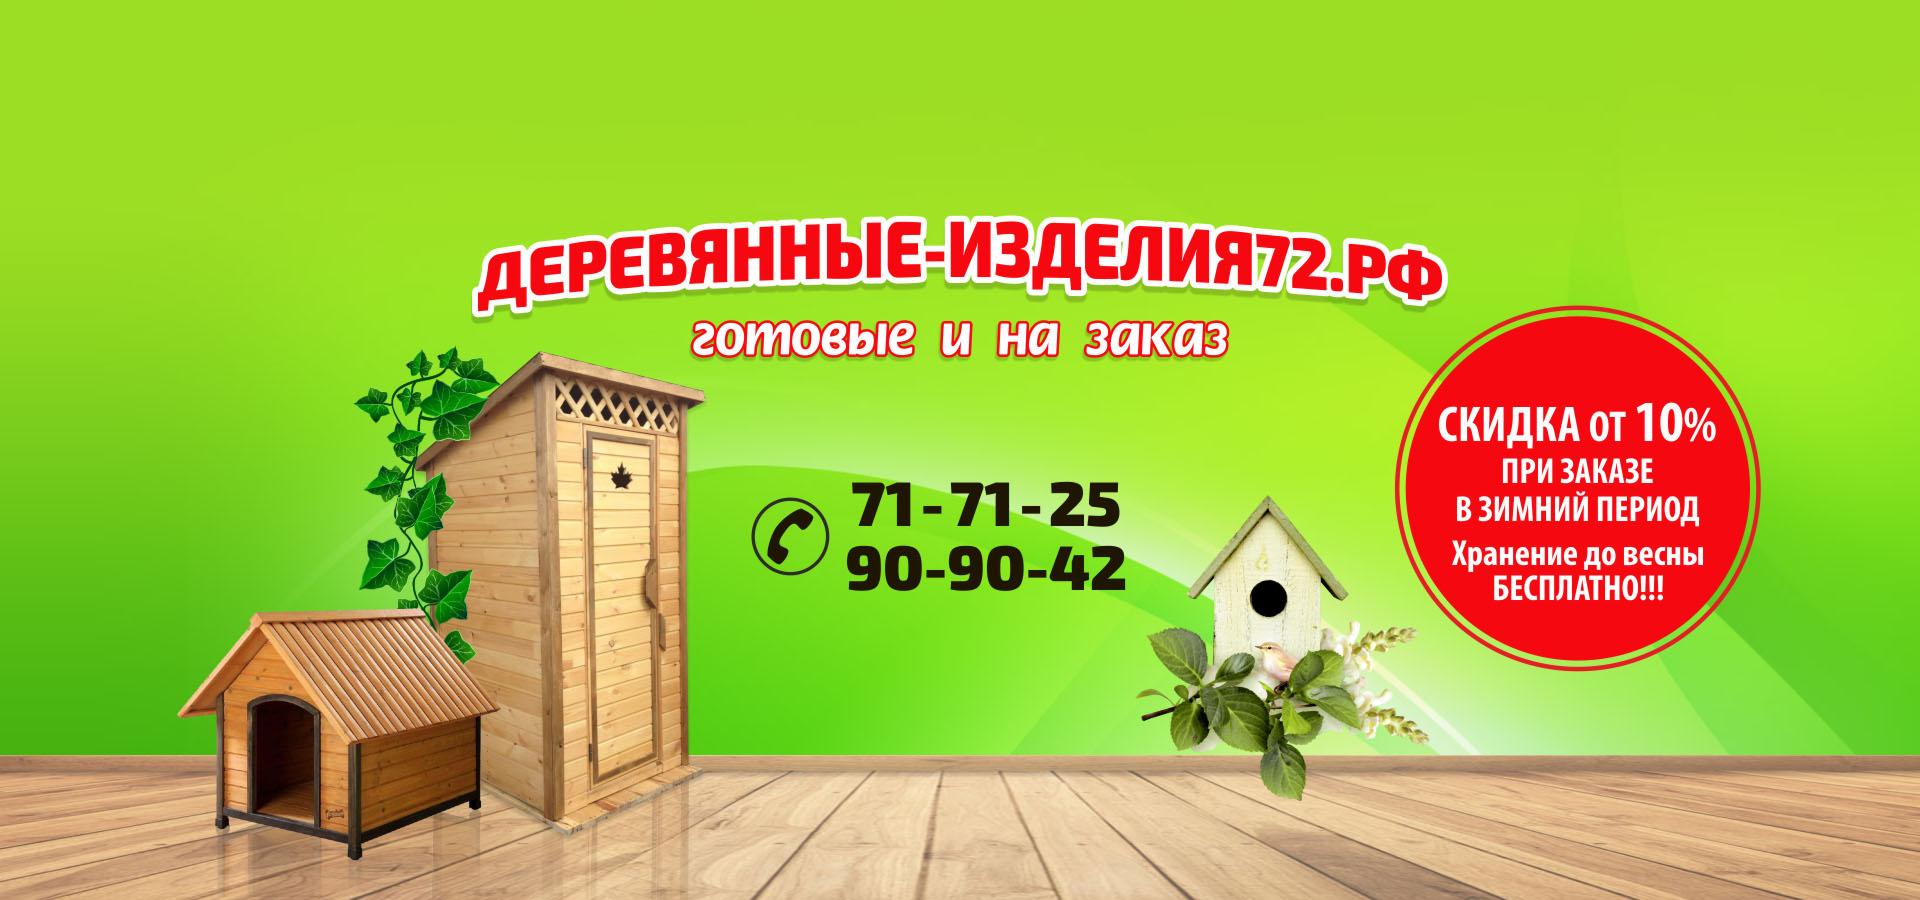 Деревянные-изделия72.рф